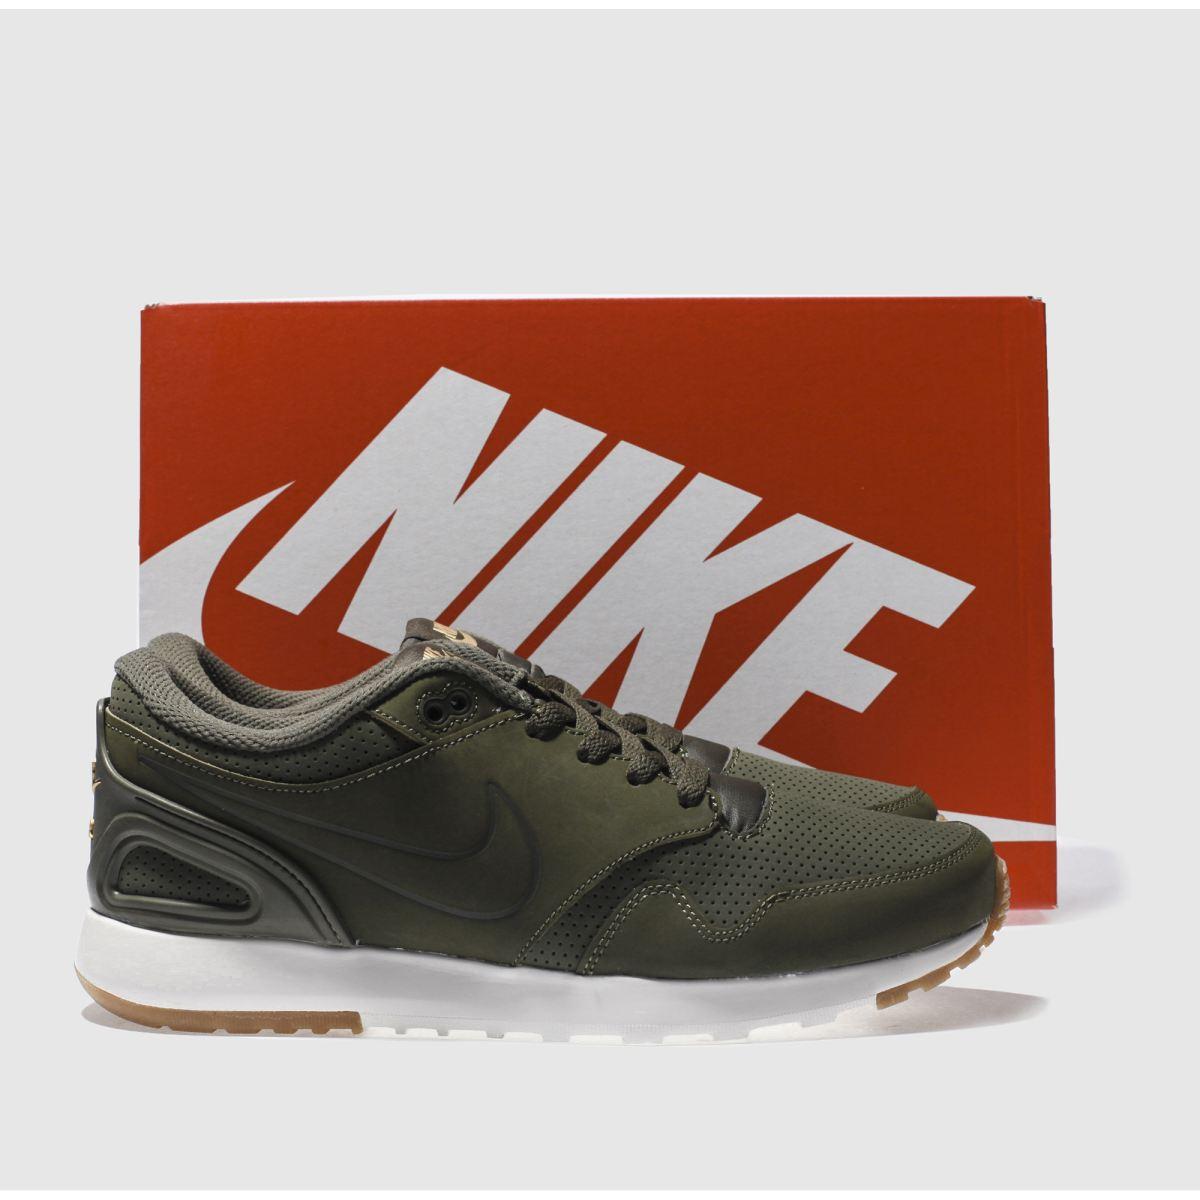 5498d92677260 ... Herren Khaki nike schuh Air Vibenna Sneaker